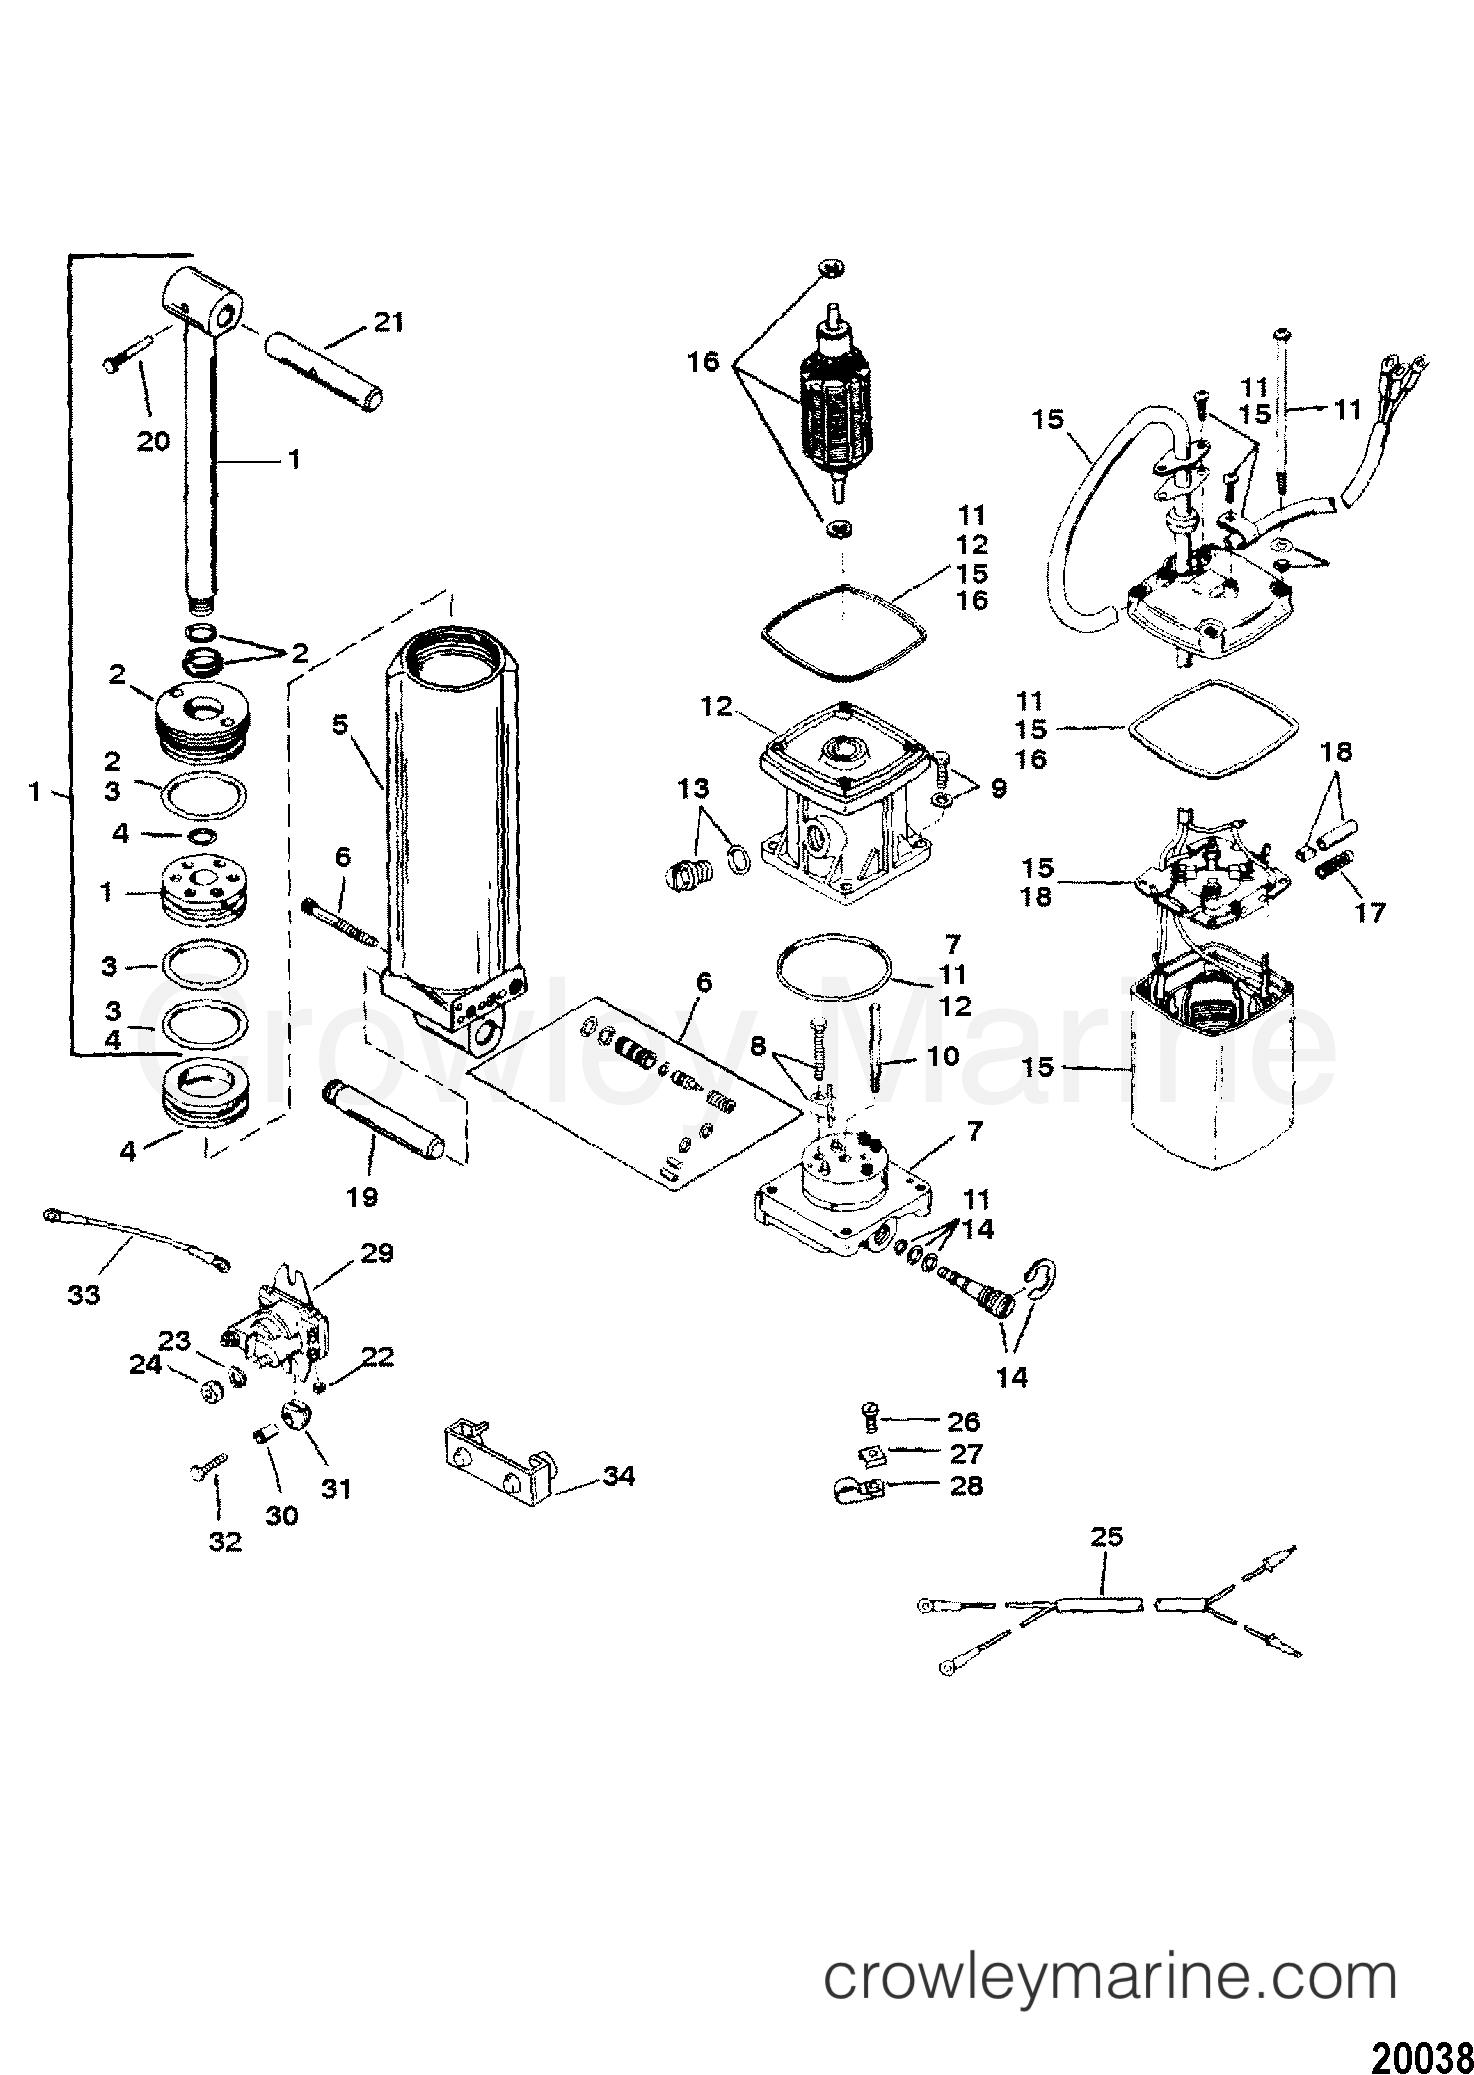 power trim components design i